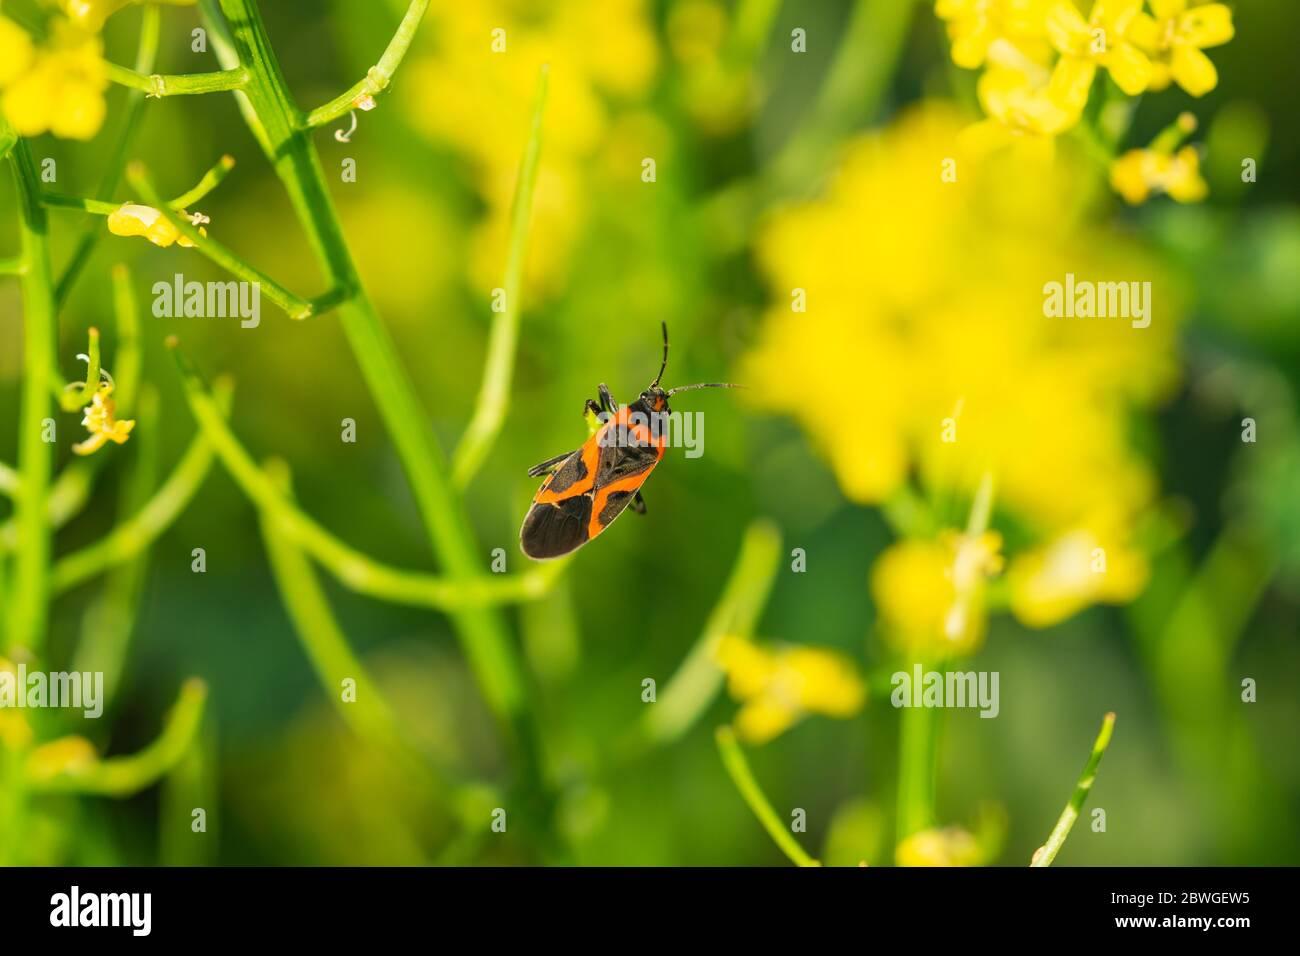 Eastern Small Milkweed Bug on Winter Cress Stock Photo